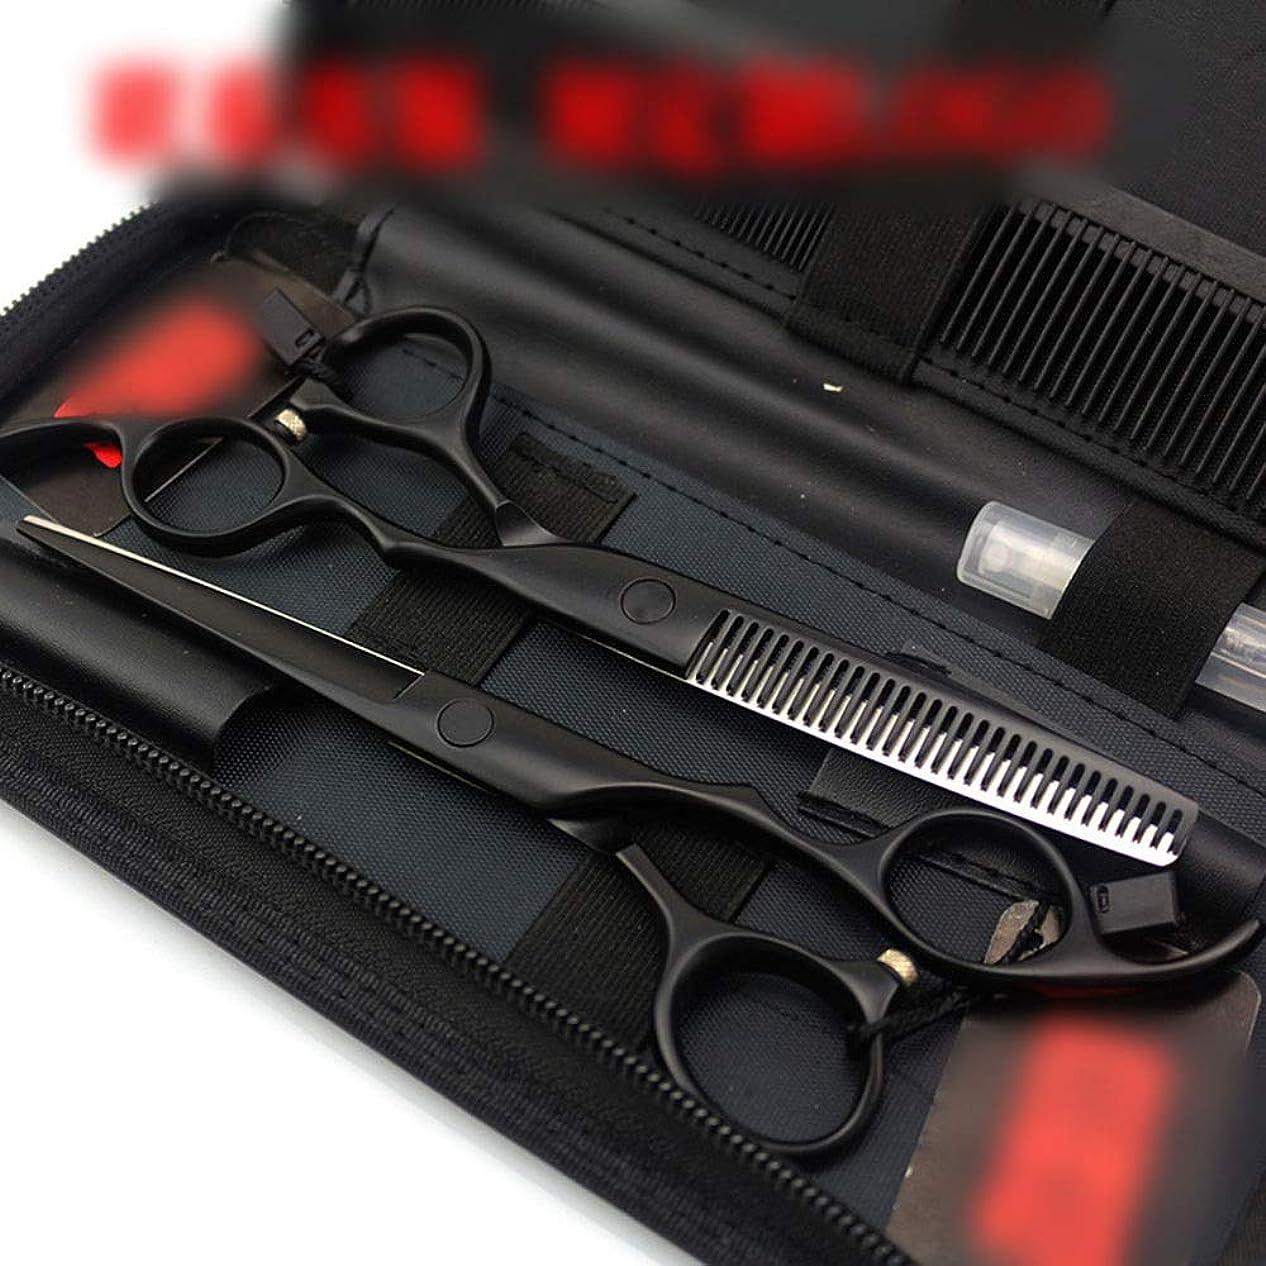 作業見込み積分パーソナライズ6インチブラック塗装ハンドハンドル理髪はさみフラットはさみ+歯はさみ モデリングツール (色 : 黒)